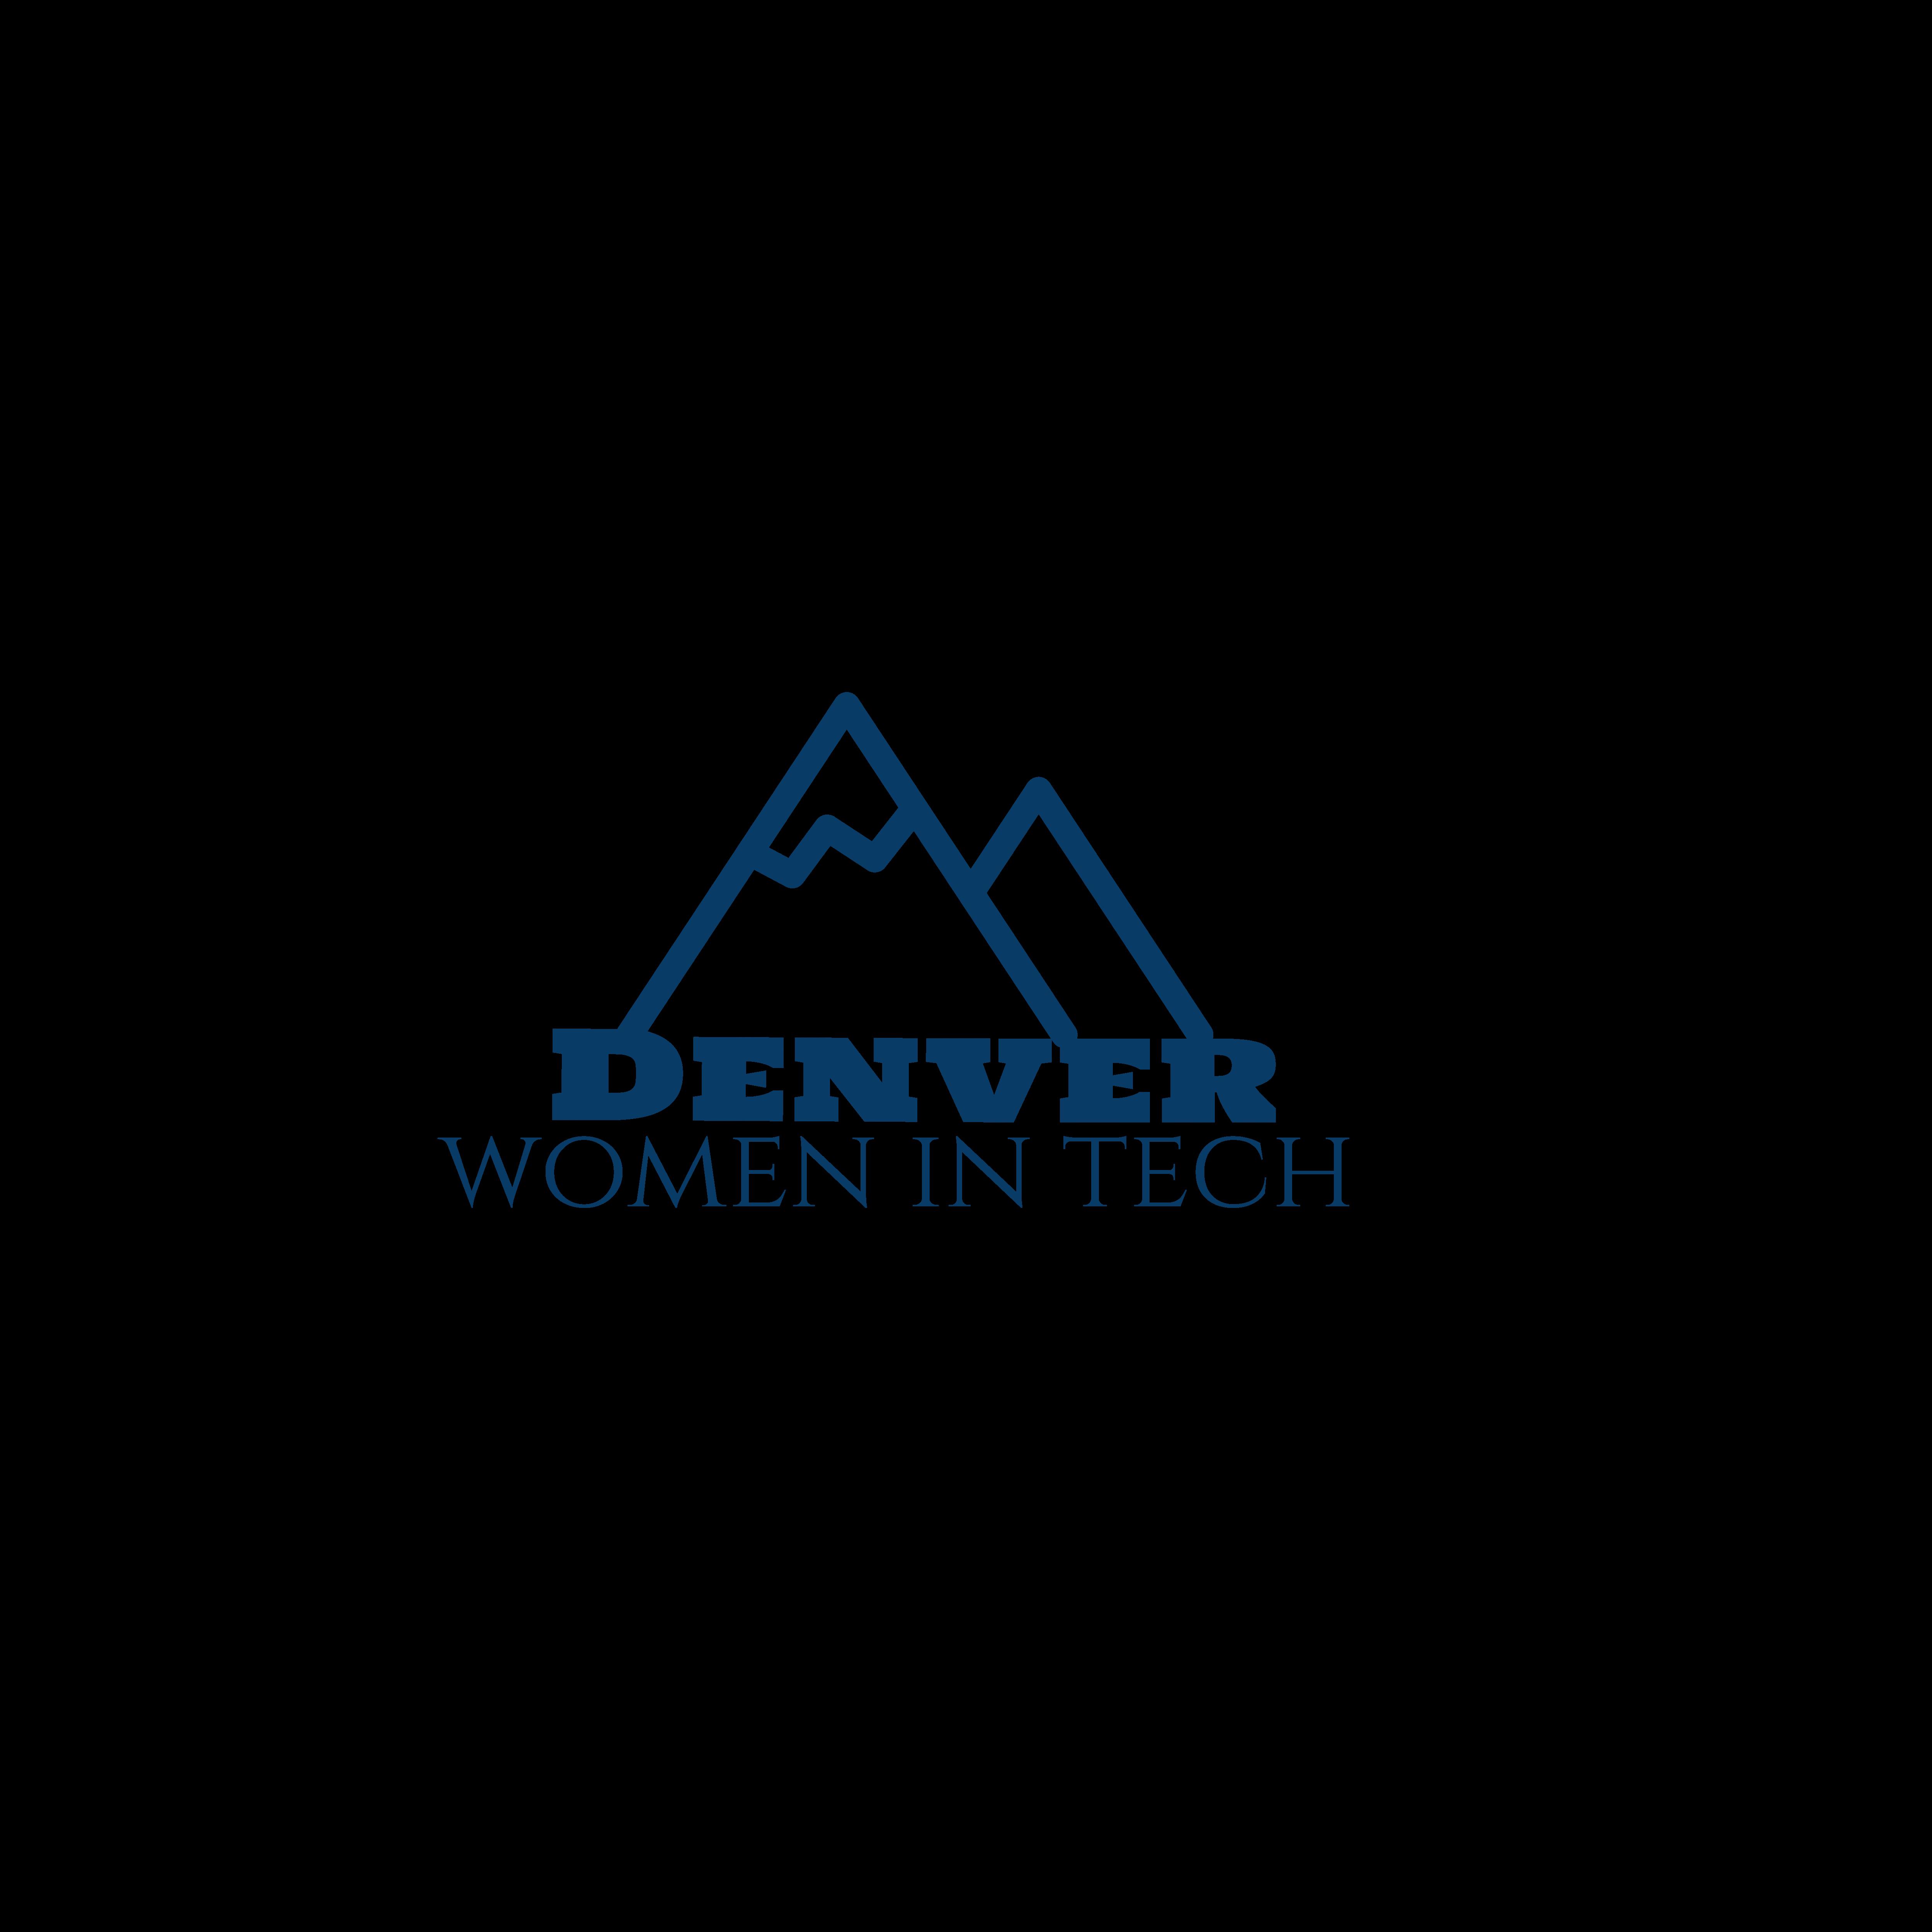 Denver Women in Tech (DWIT)